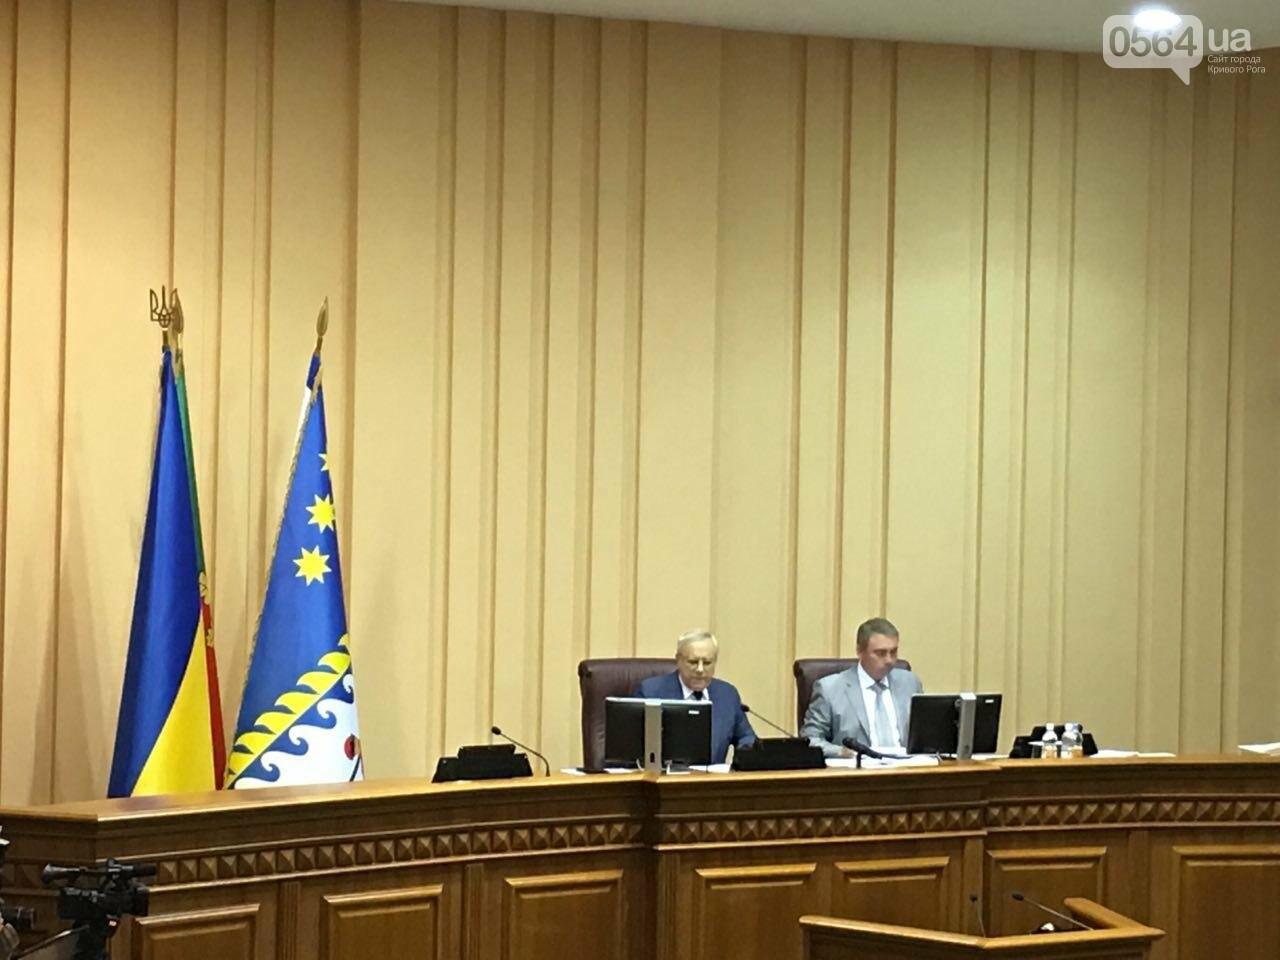 Криворожские депутаты обсудят вопрос премирования мэра и его заместителей, тариф на проезд в маршрутках и поддержку бизнесменов, - ФОТО, фото-9